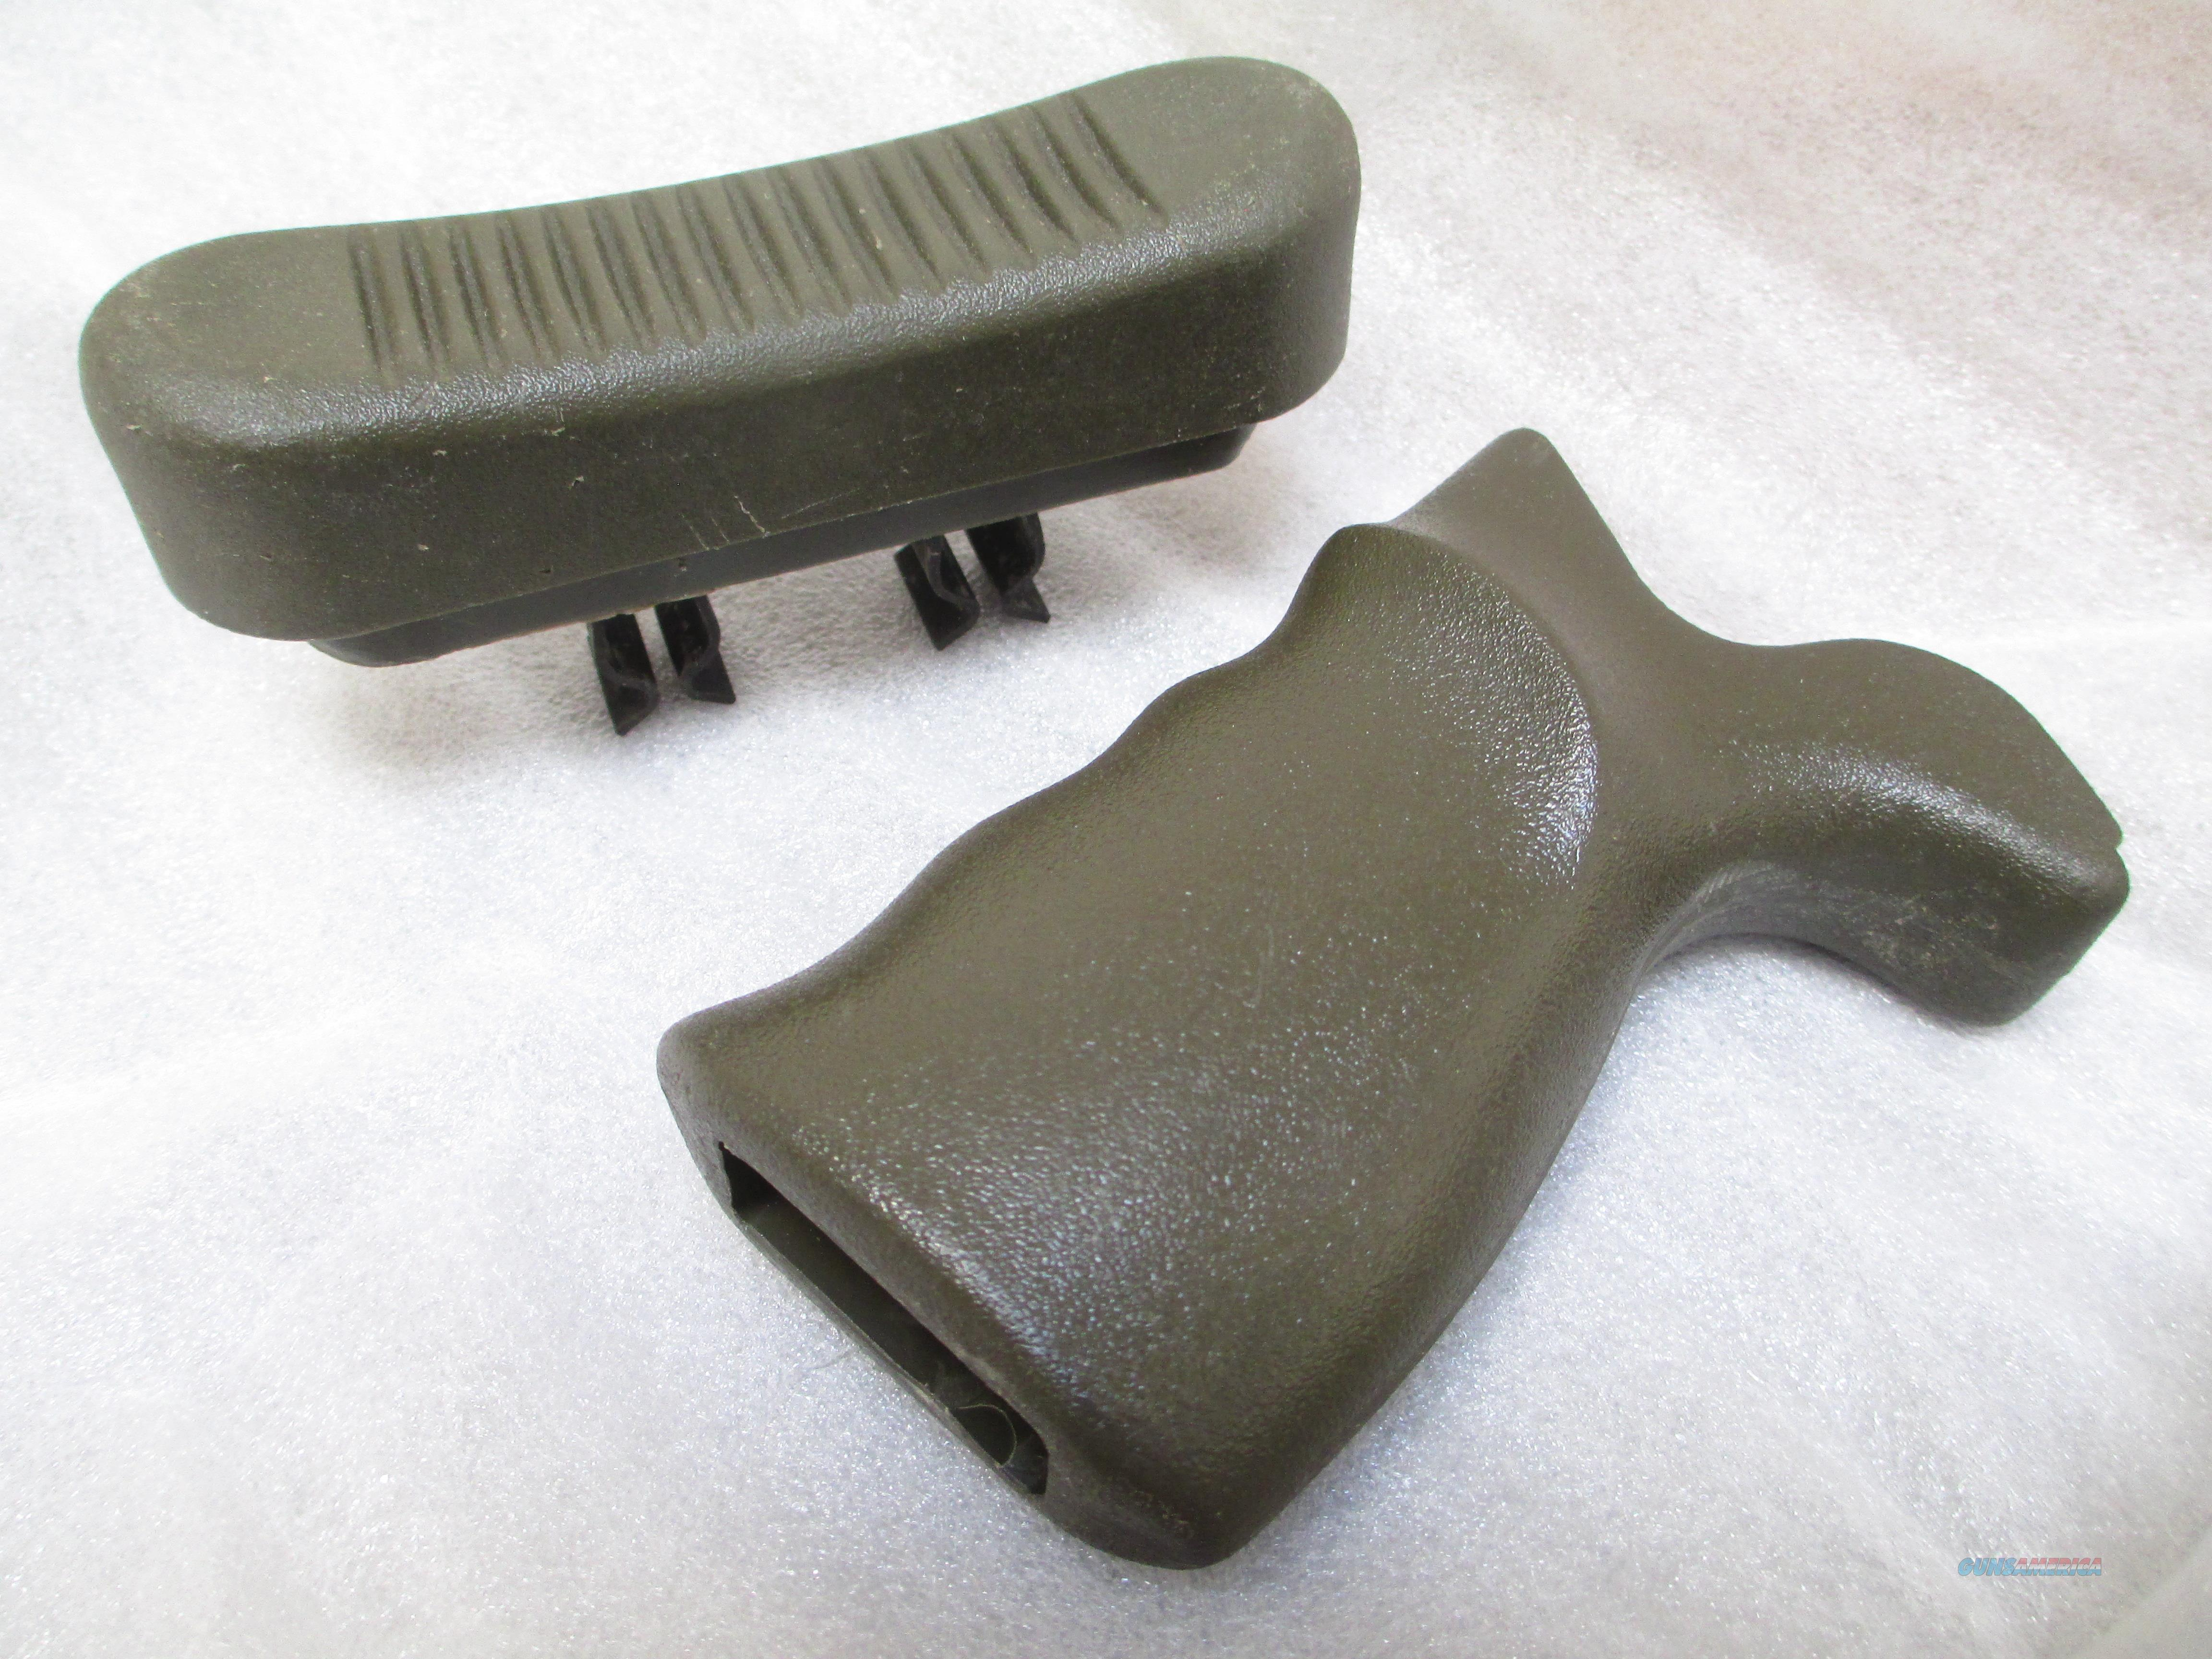 HK G3  GERMAN OD GREEN BUTTPAD NEW, GERMAN OD PISTOL GRIP  Non-Guns > Gun Parts > Military - Foreign